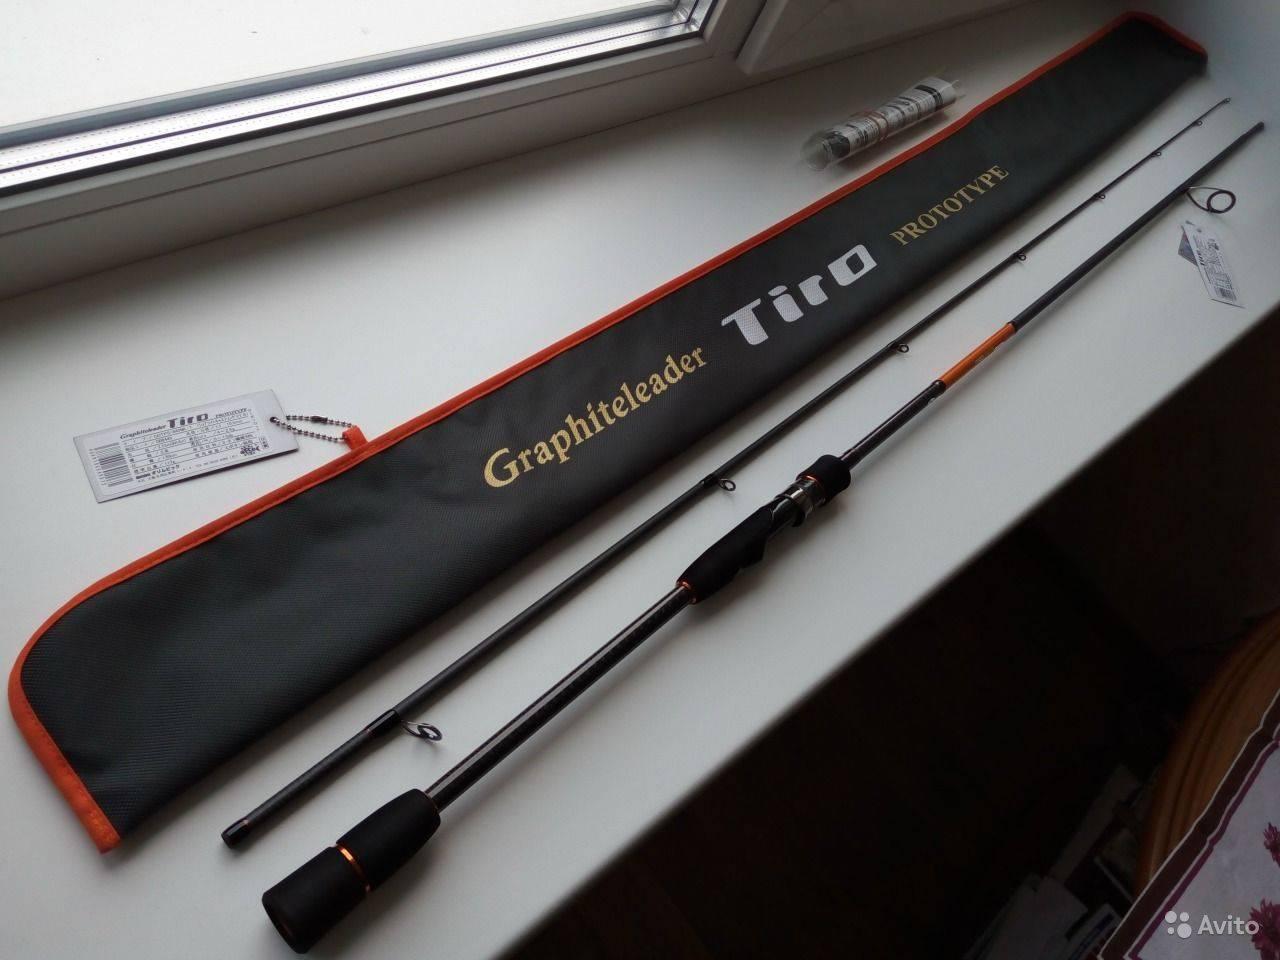 Обзор спиннинга graphiteleader aspro. отзывы рыбаков о спиннинге графитлидер аспро